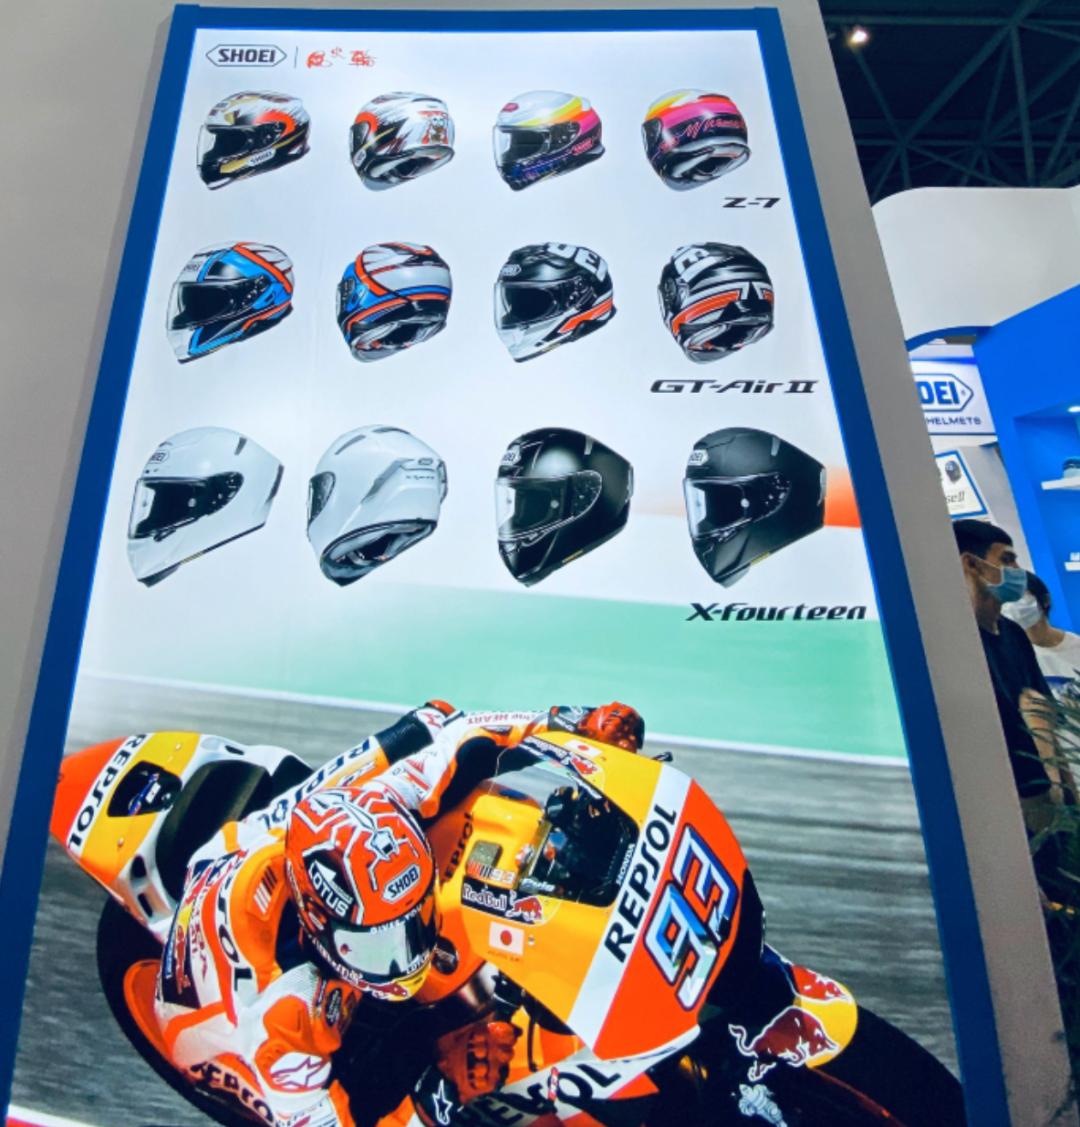 SHOEI摩博会发布两款新花色头盔,马奎斯亲笔签名免费送!-第2张图片-春风行摩托车之家